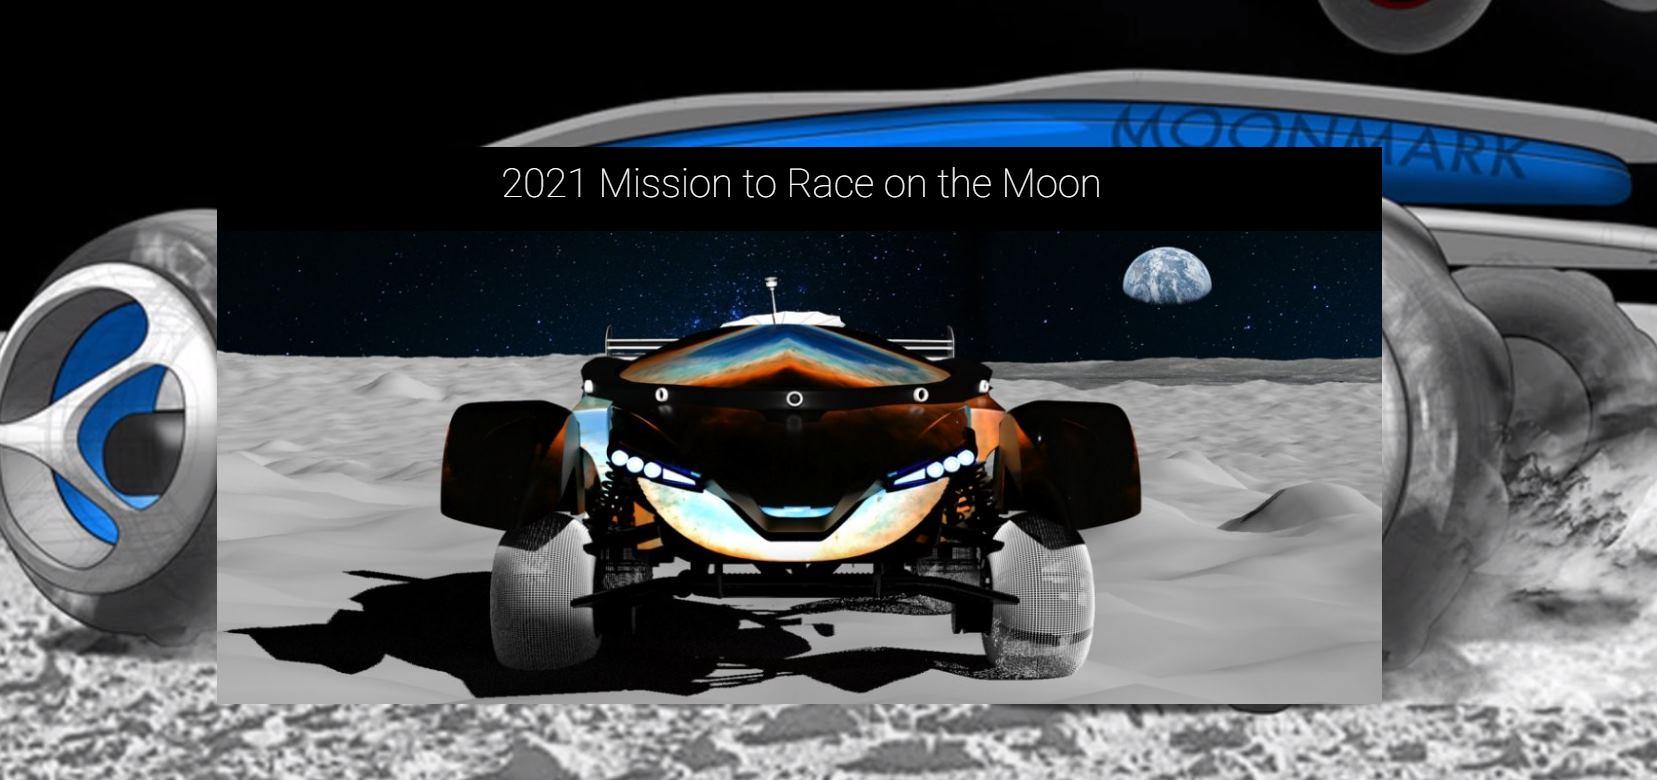 Habrá una carrera de coches en la Luna en 2021